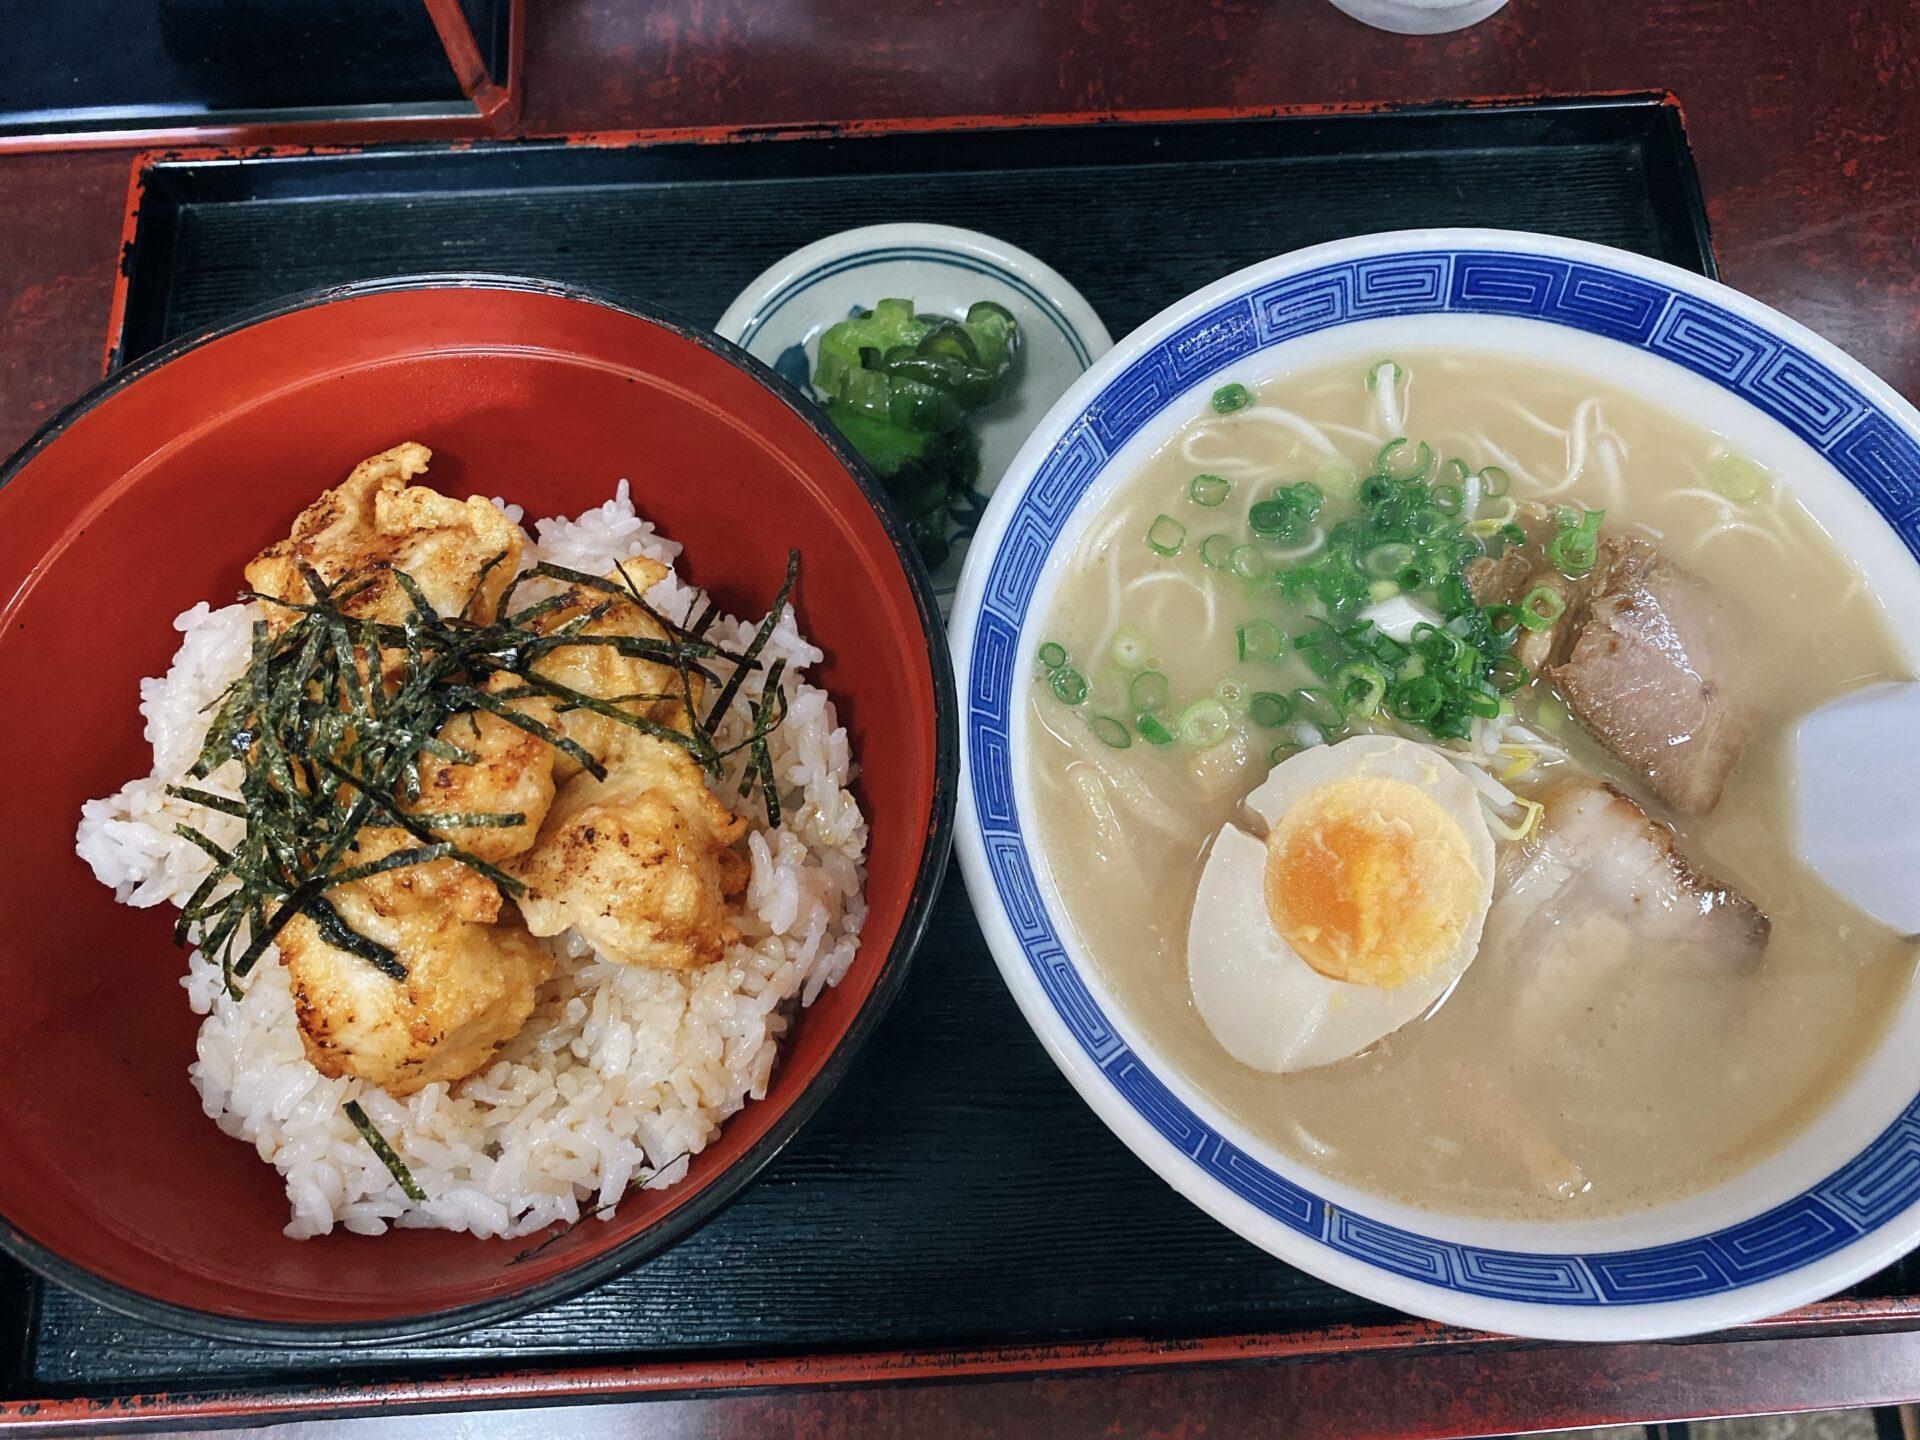 赤磐市周匝【ラーメン蔵】ラーメンが550円!唐揚げ丼とのセットの定食も750円のコスパの良さ!